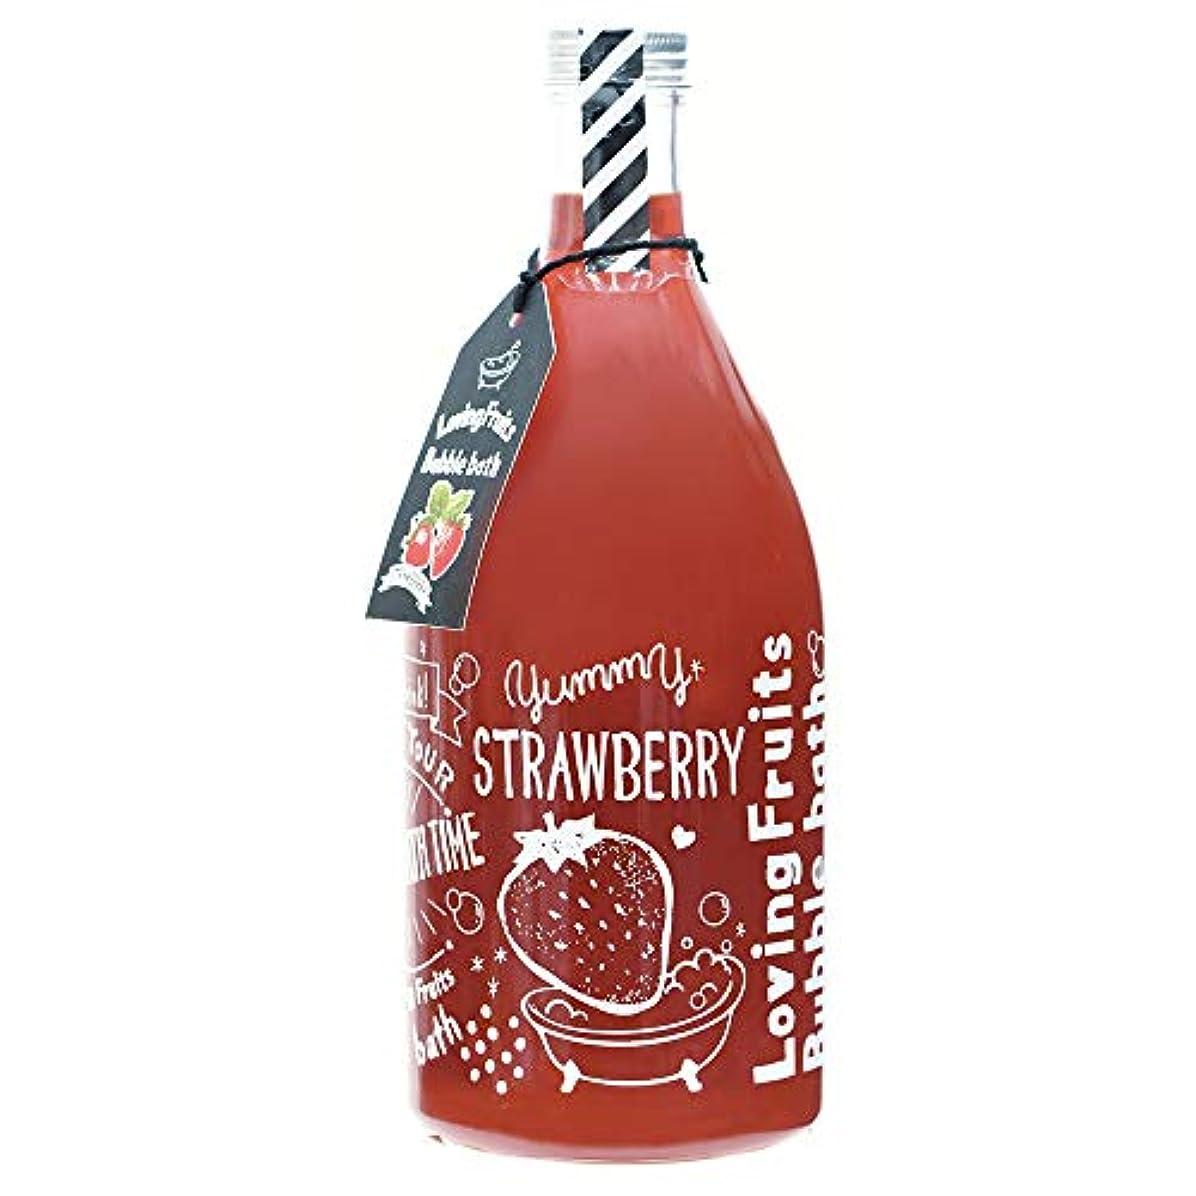 税金保守的遺産ノルコーポレーション 入浴剤 バブルバス ラビングフルーツ 750ml ストロベリーの香り OB-LFS-1-1